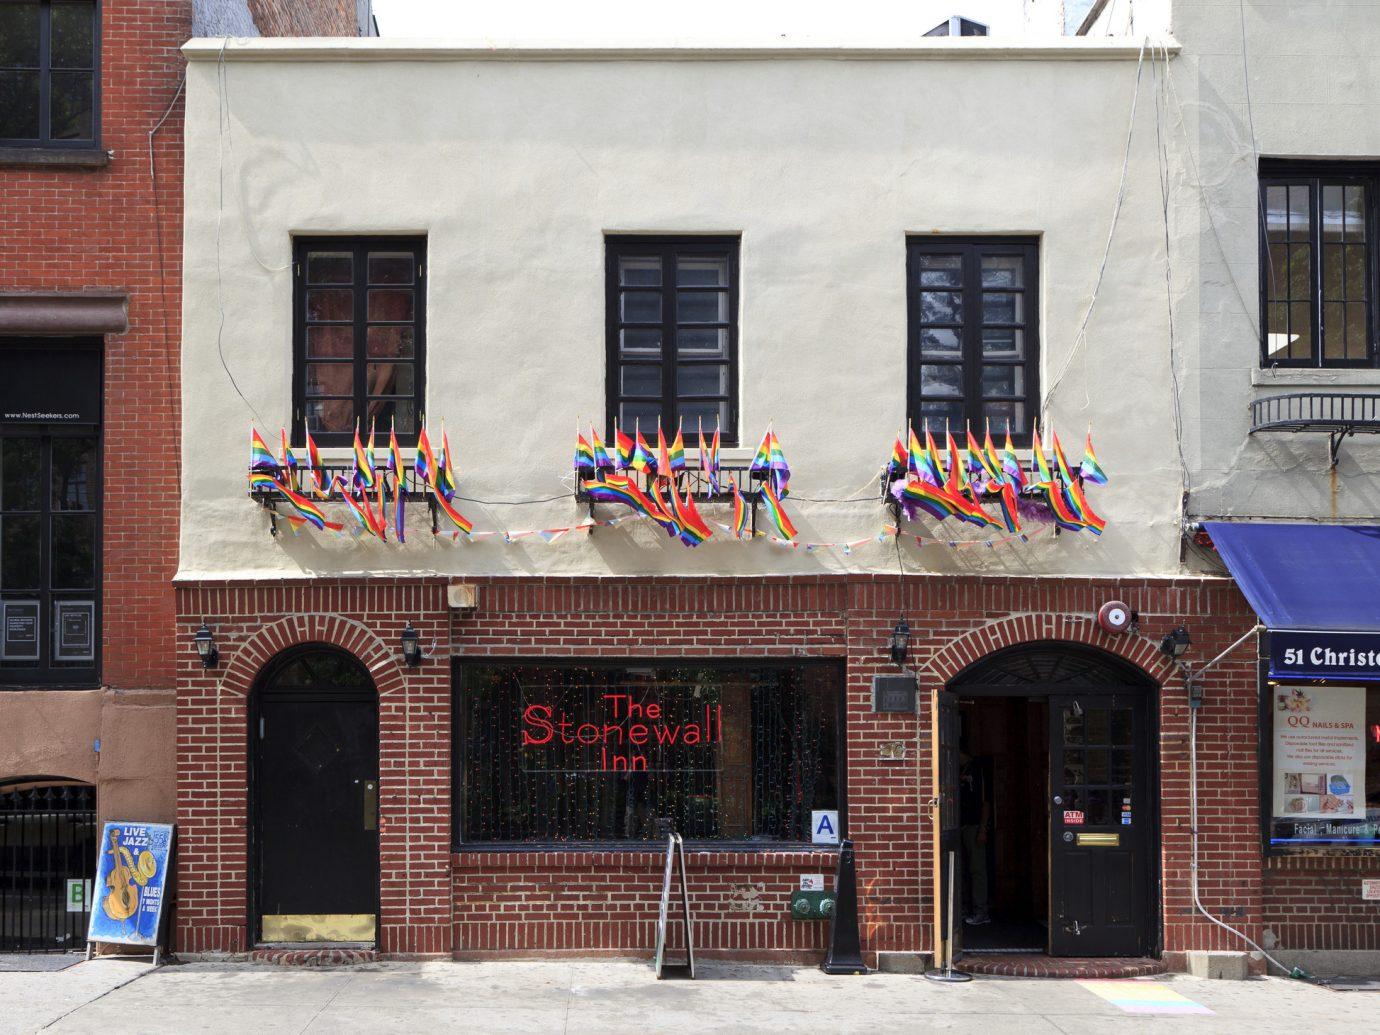 Facade of the Stonewall Inn